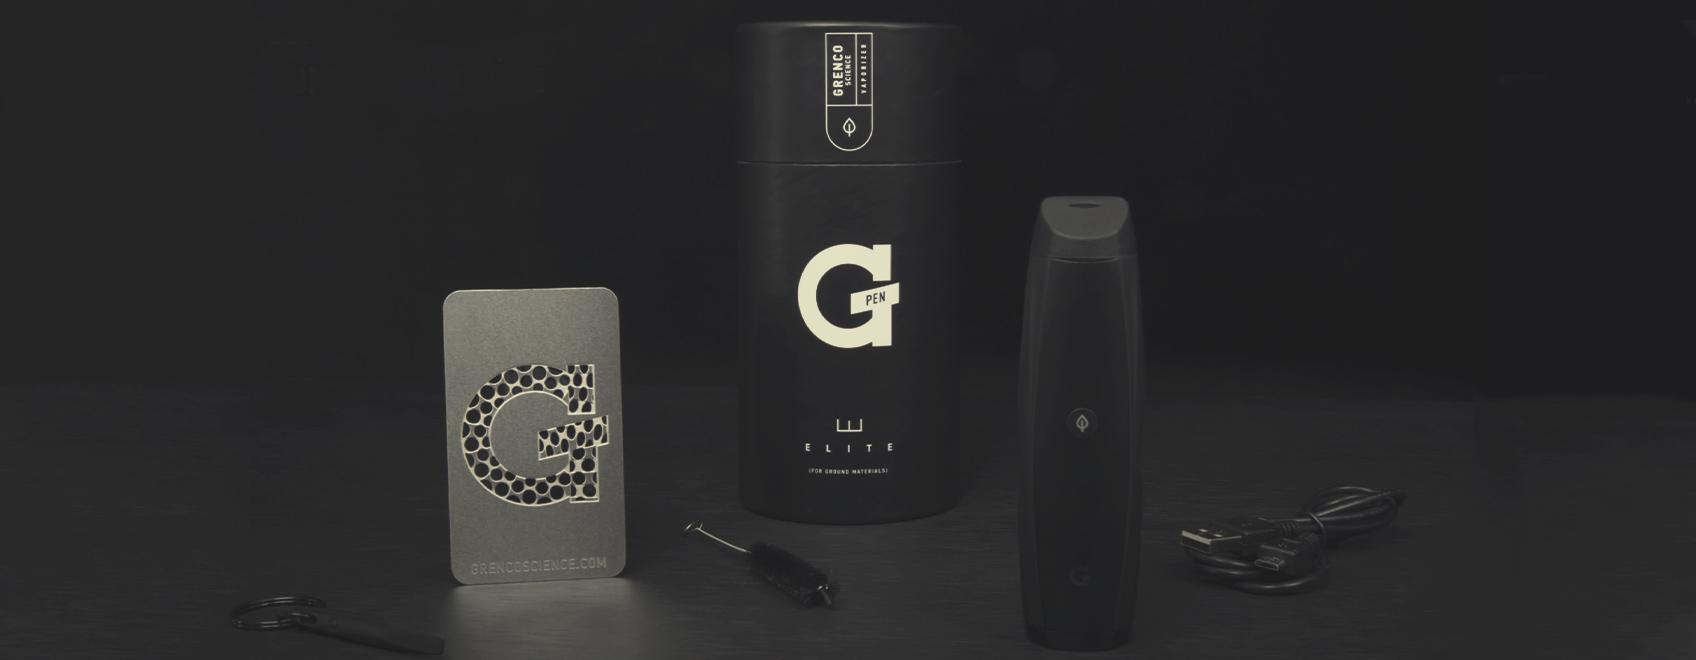 Évaluation du Vaporisateur G Pen Elite